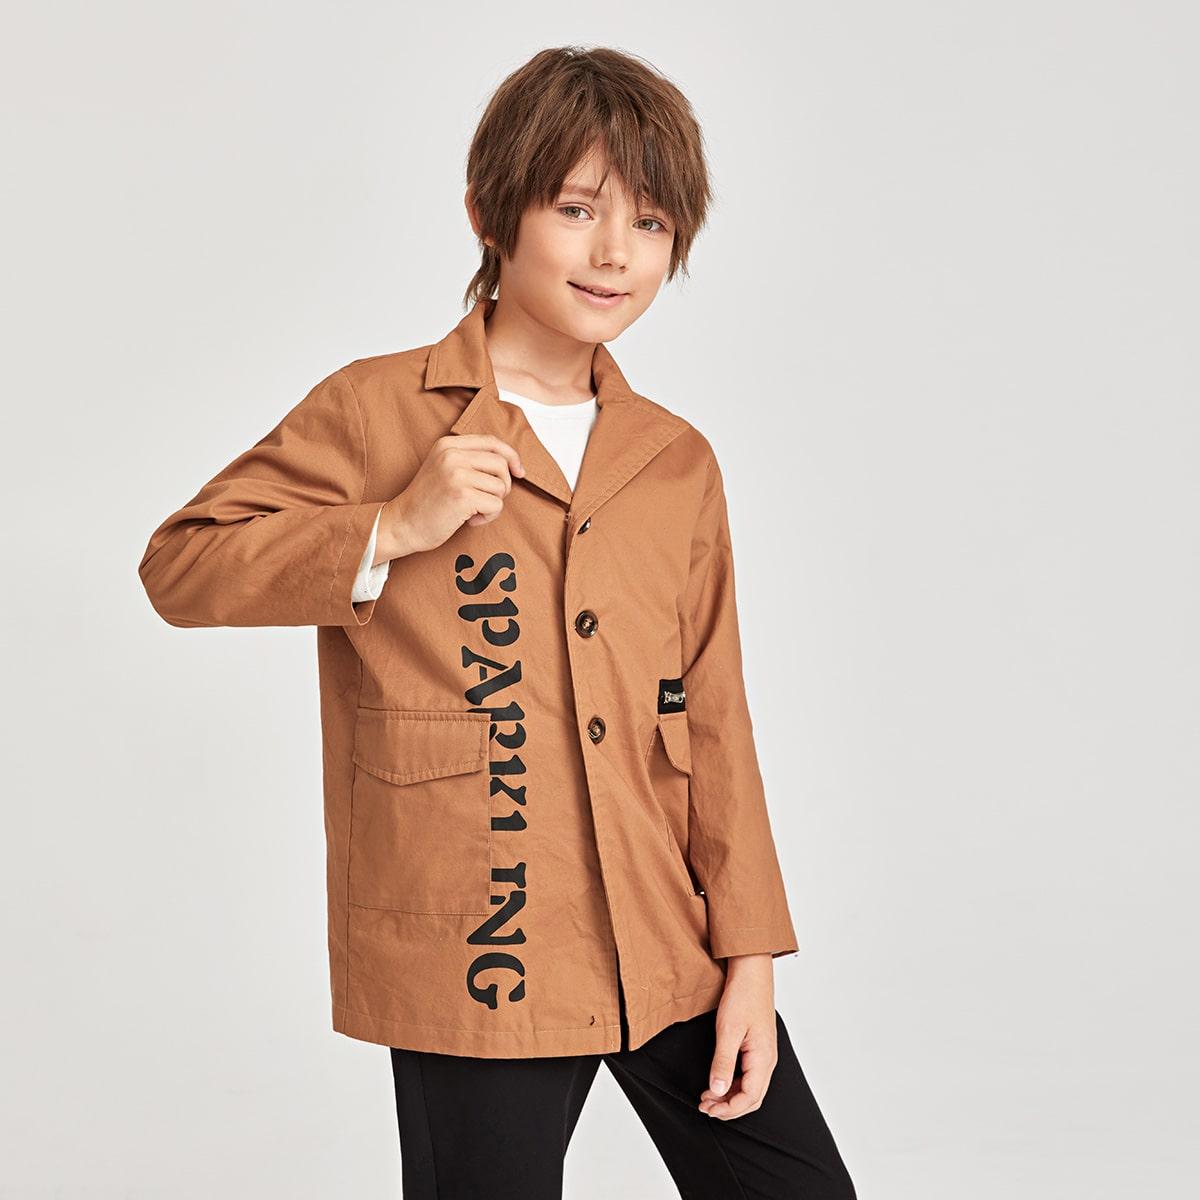 Taschen  Buchstaben  Lässig Jungen Oberbekleidung